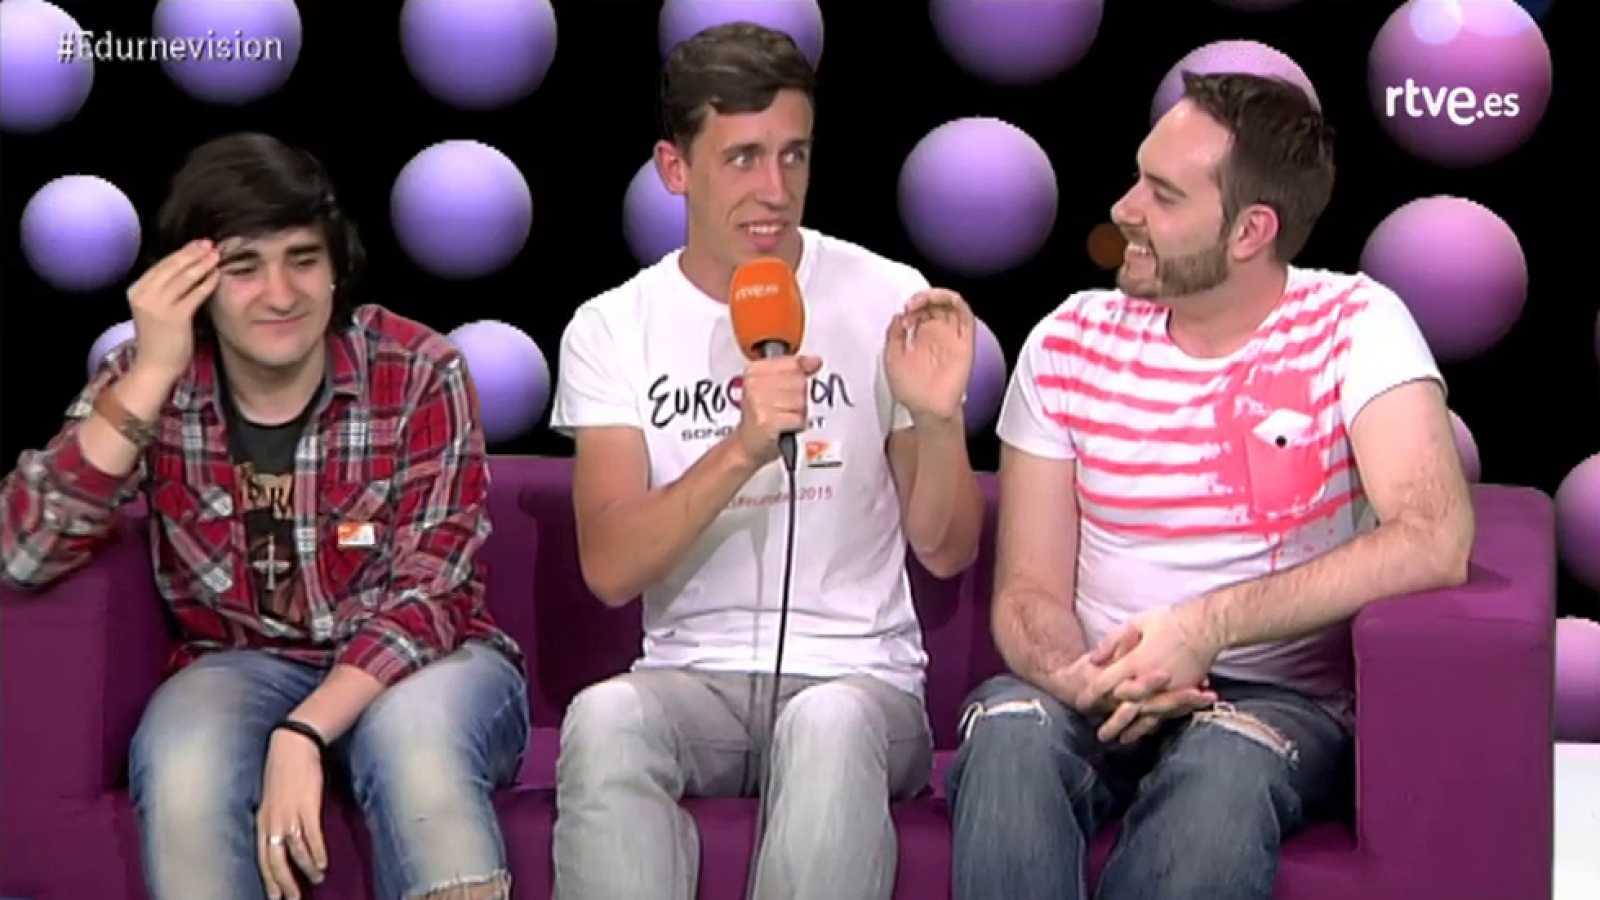 Eurovisión 2015 - Edurnevision: El eurofan del año